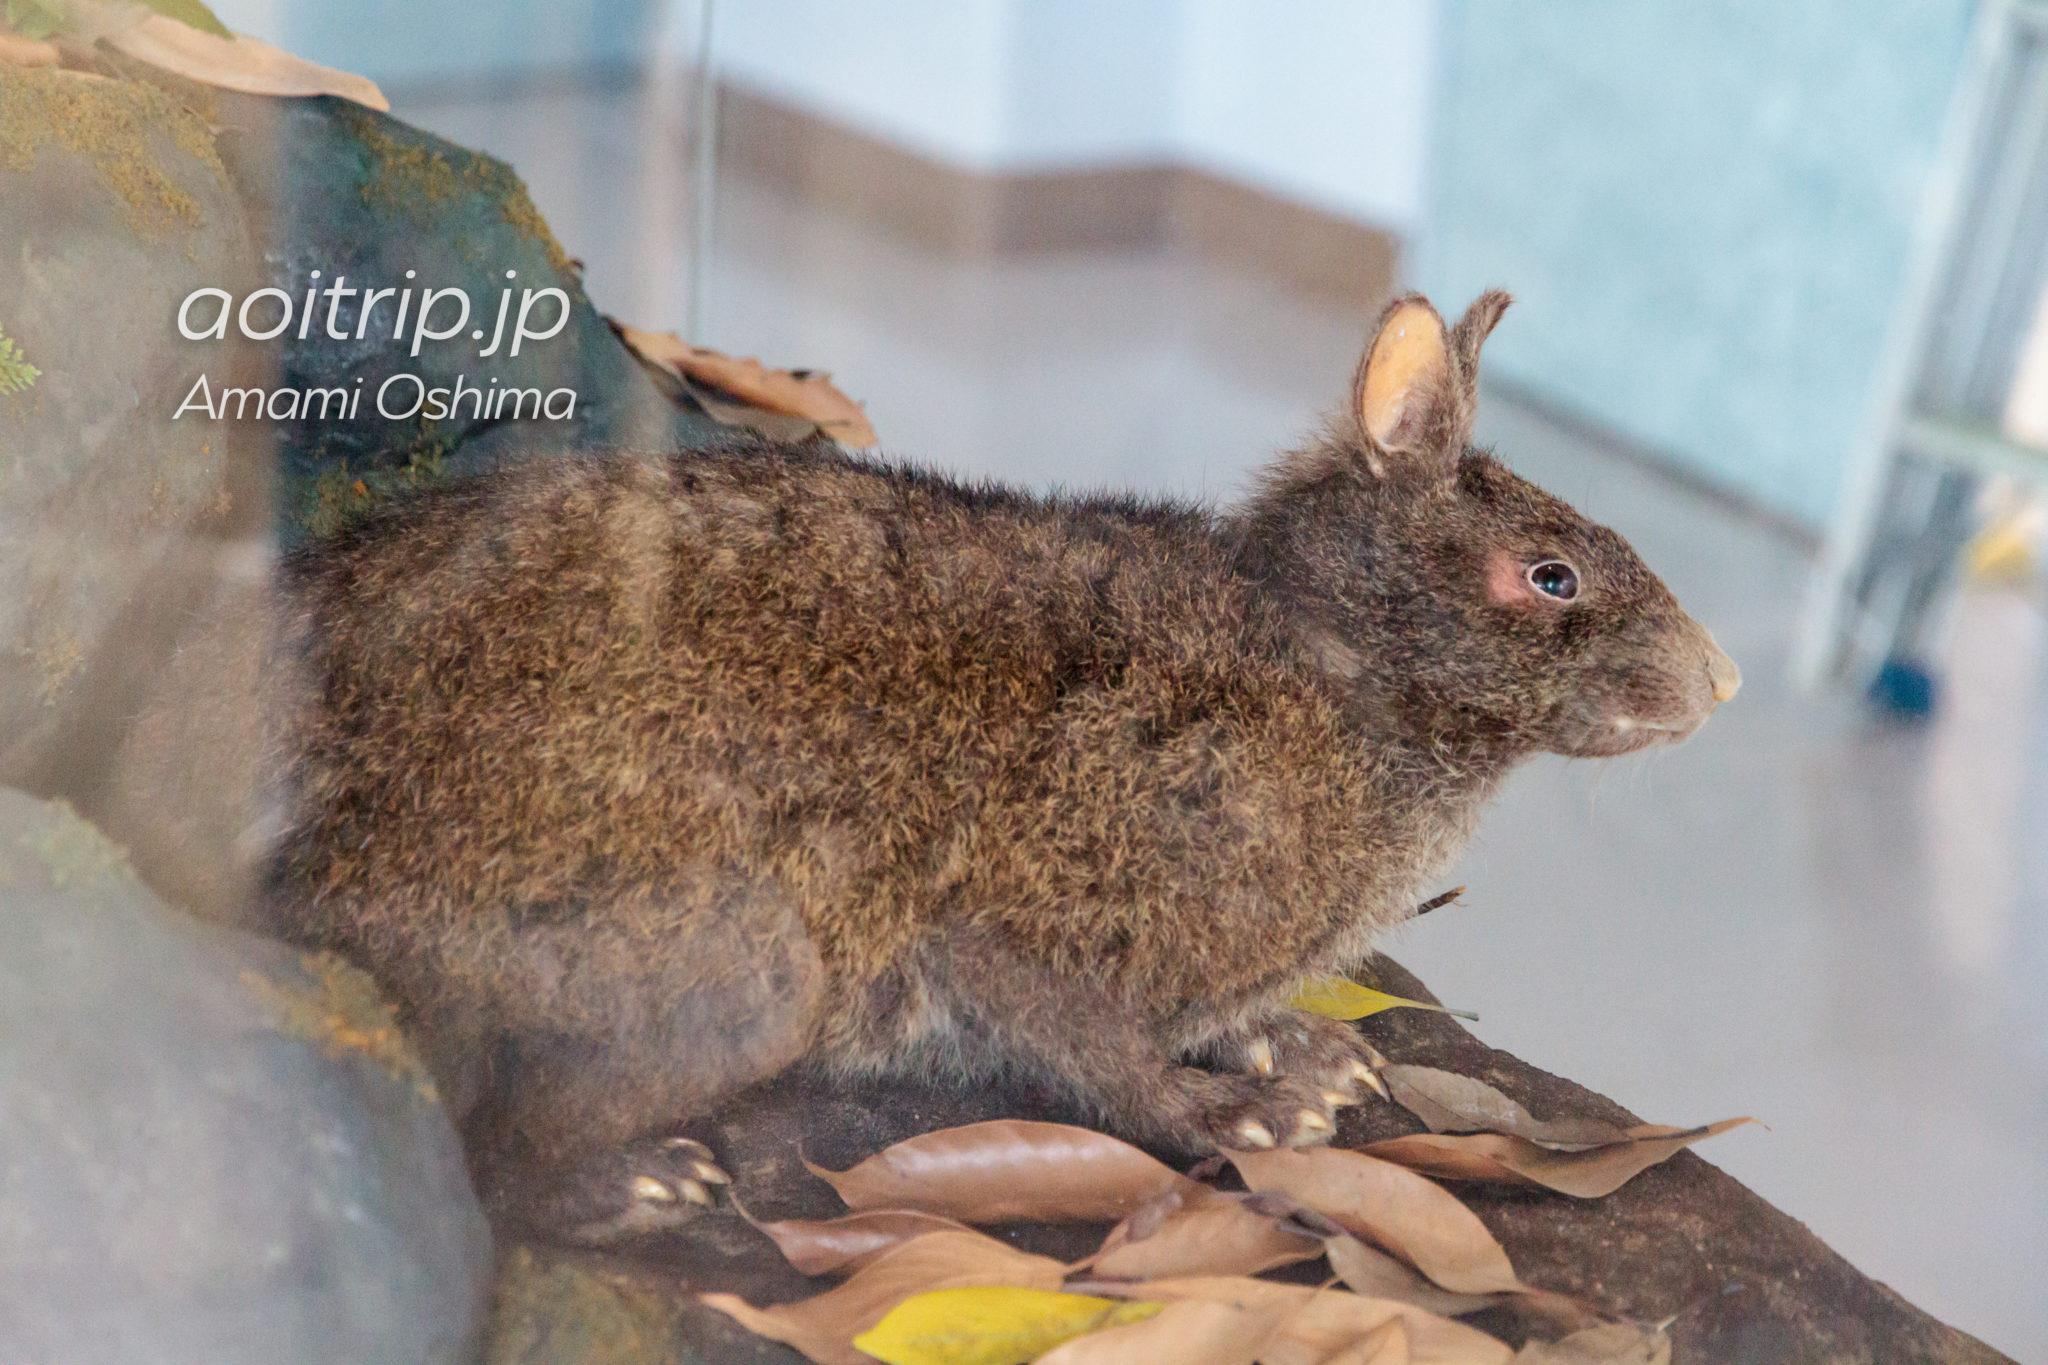 奄美大島 アマミノクロウサギの標本